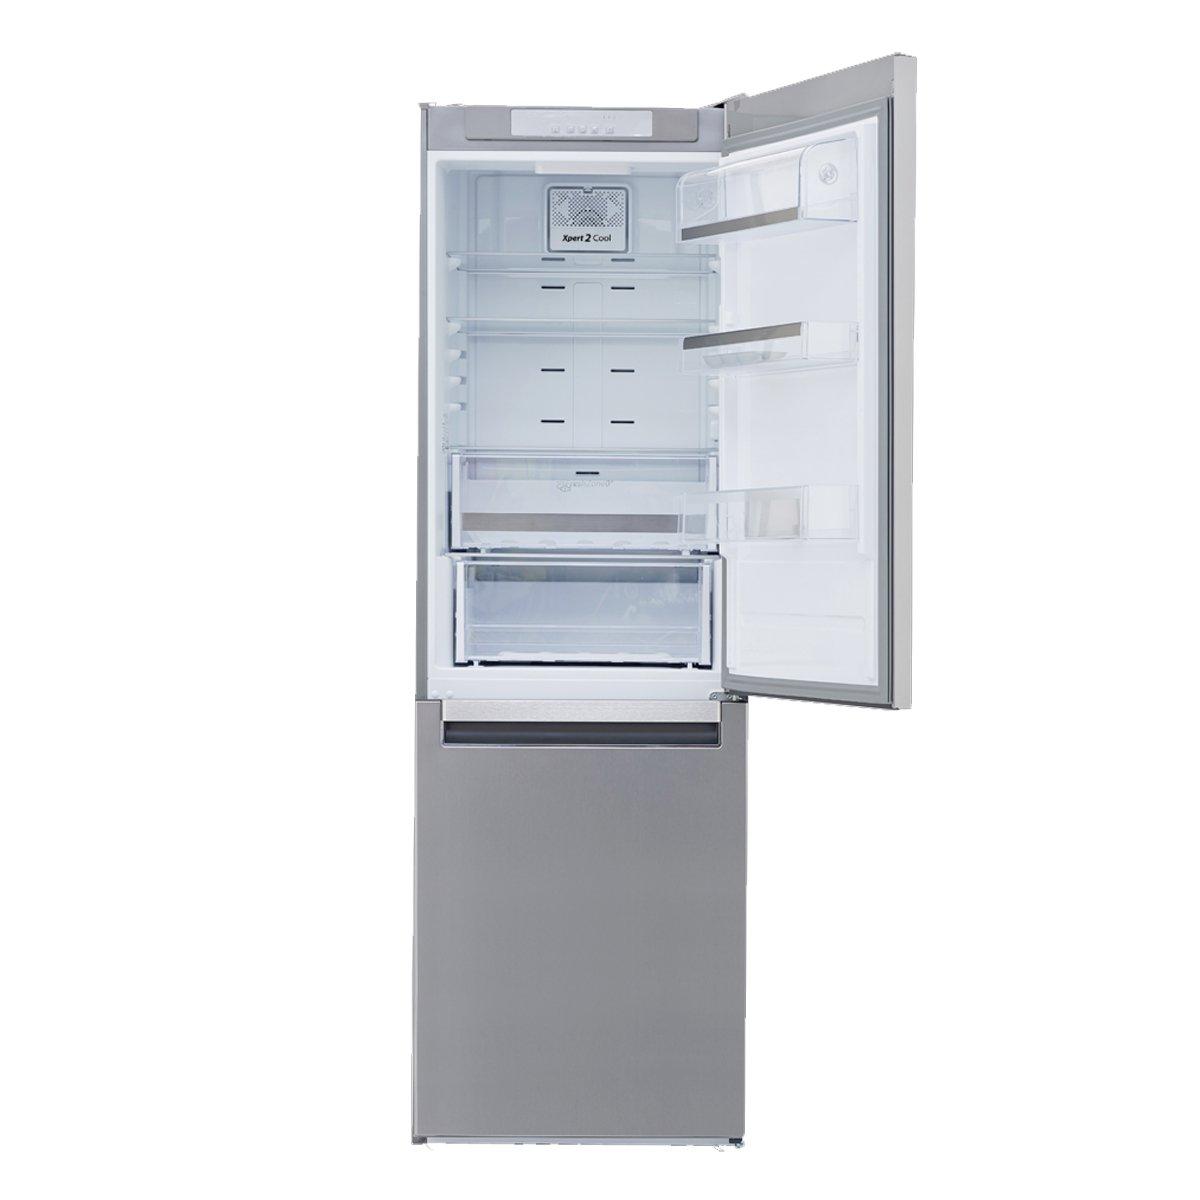 Refrigerador whirlpool button 11p wrb311dmbm acero for Refrigerador whirlpool